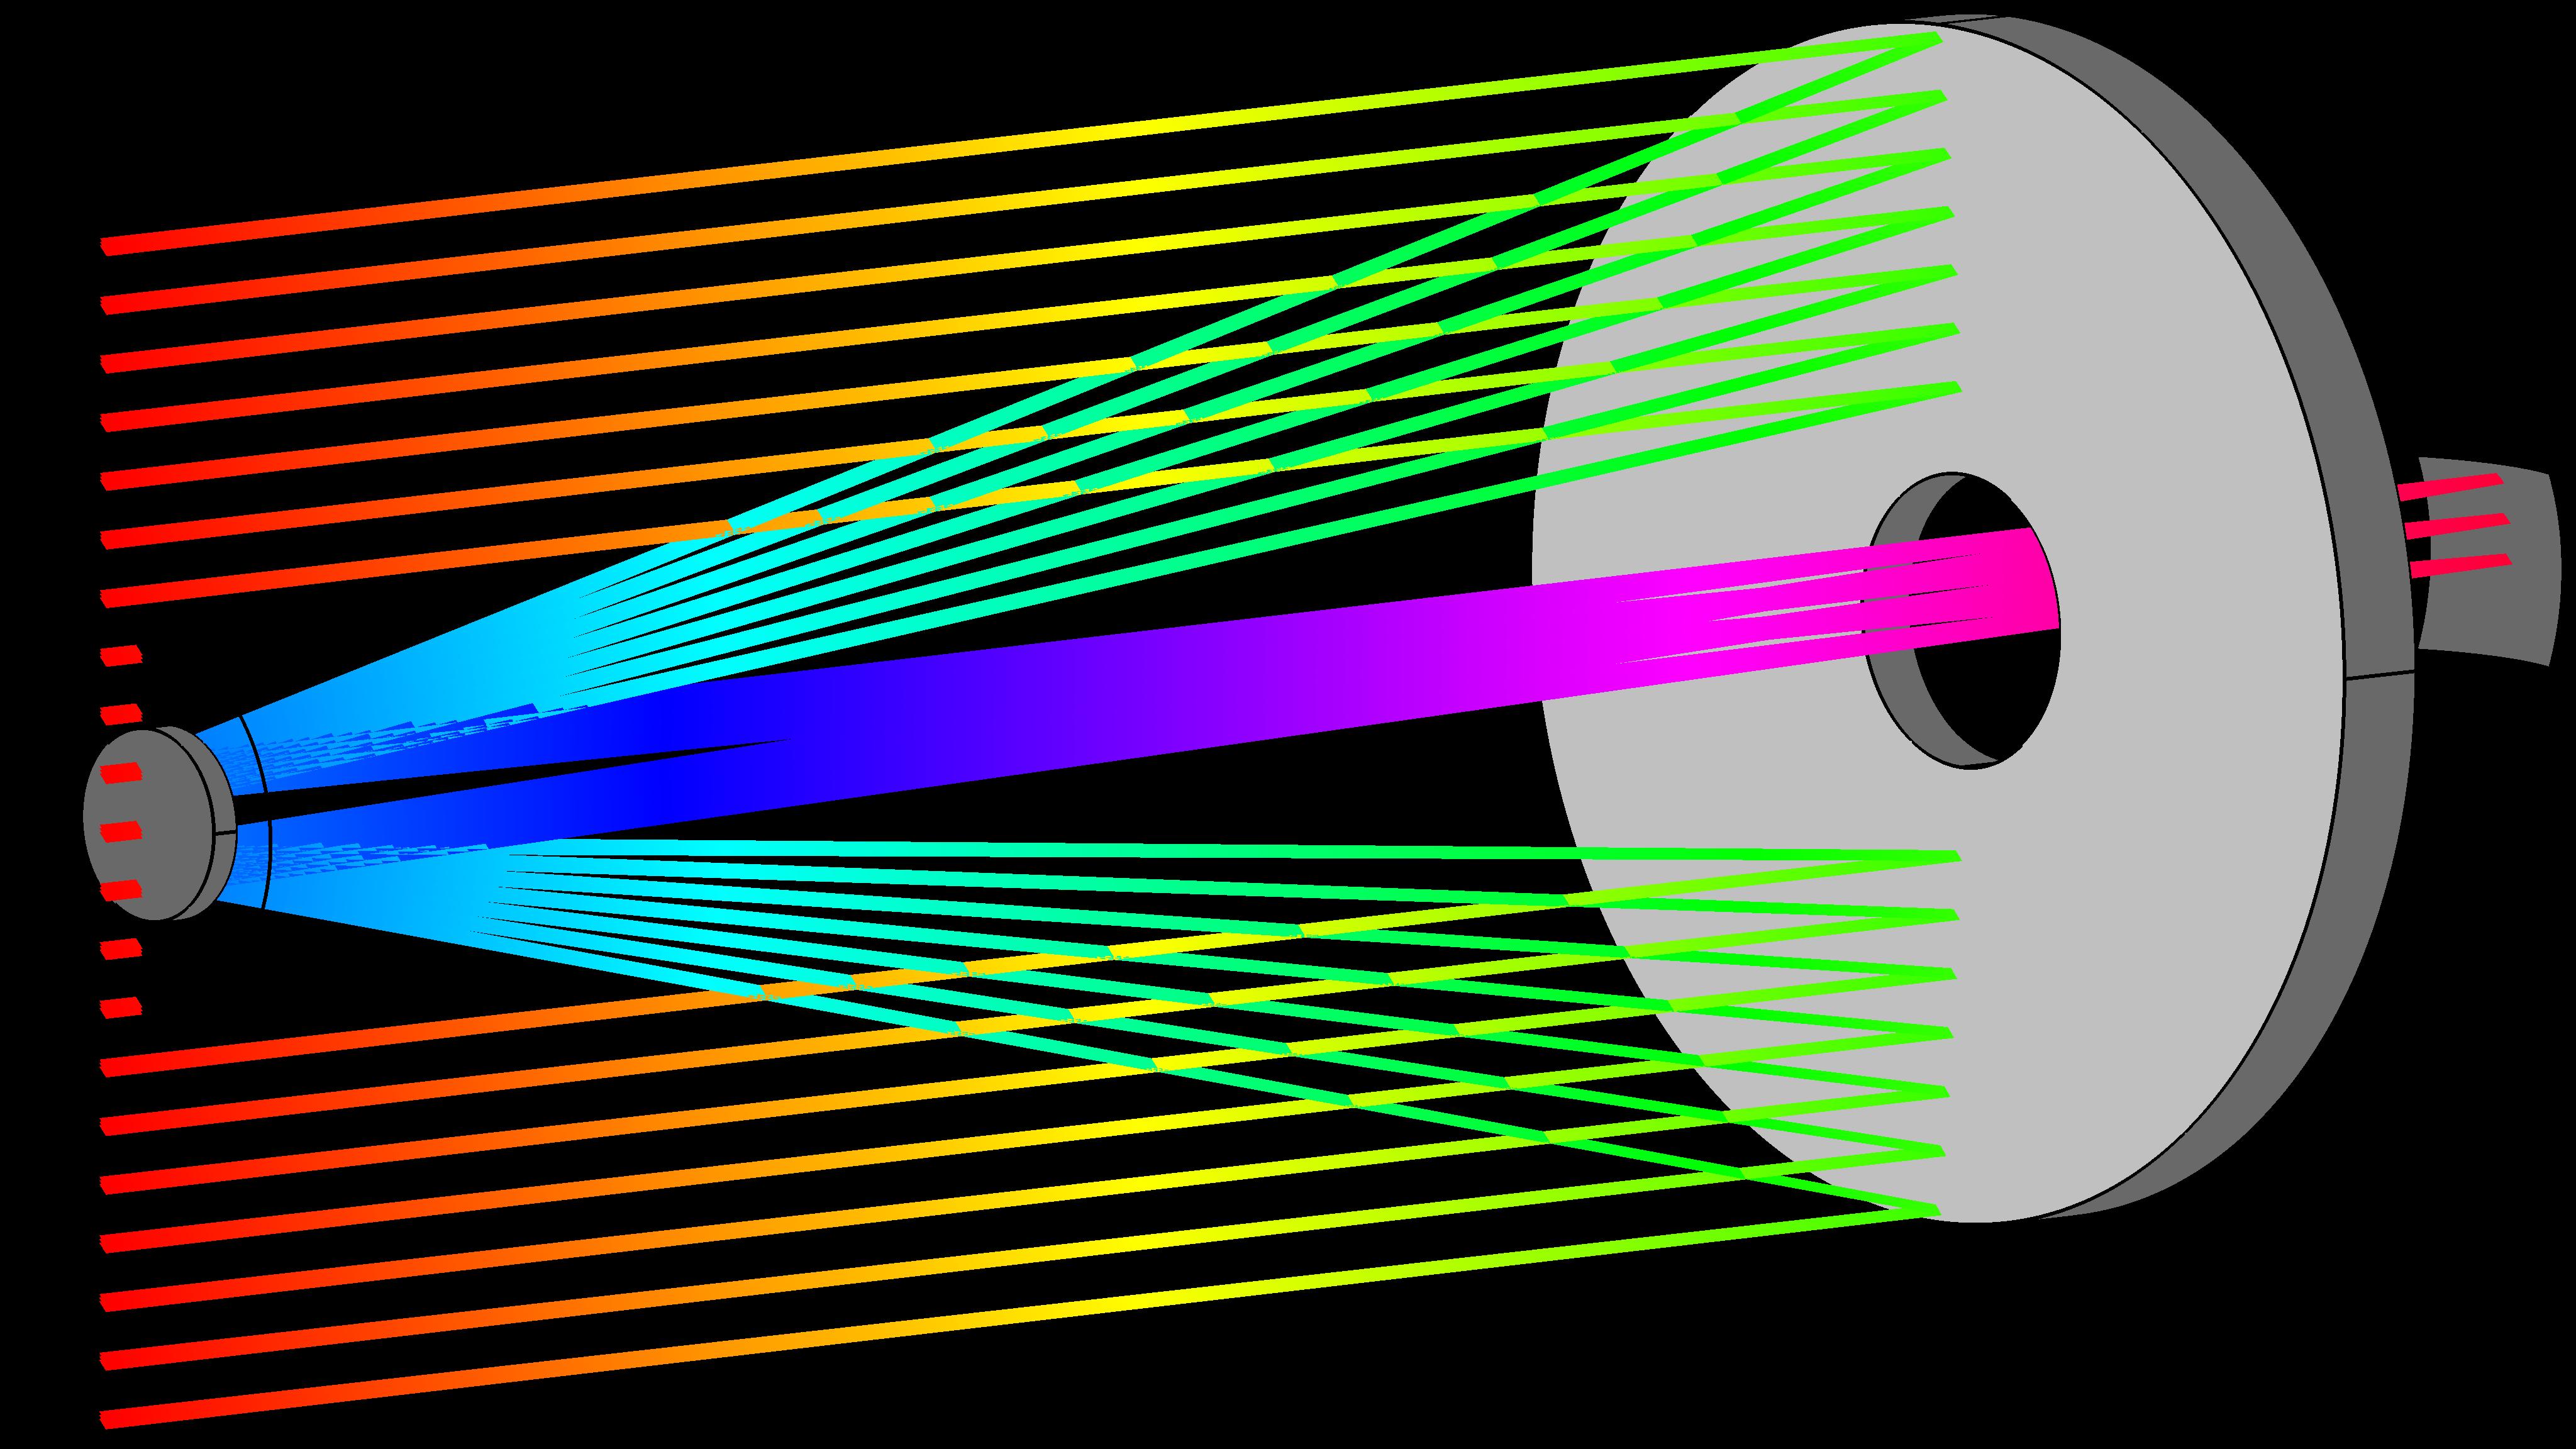 哈勃太空望遠鏡模型中的光線可視化效果。